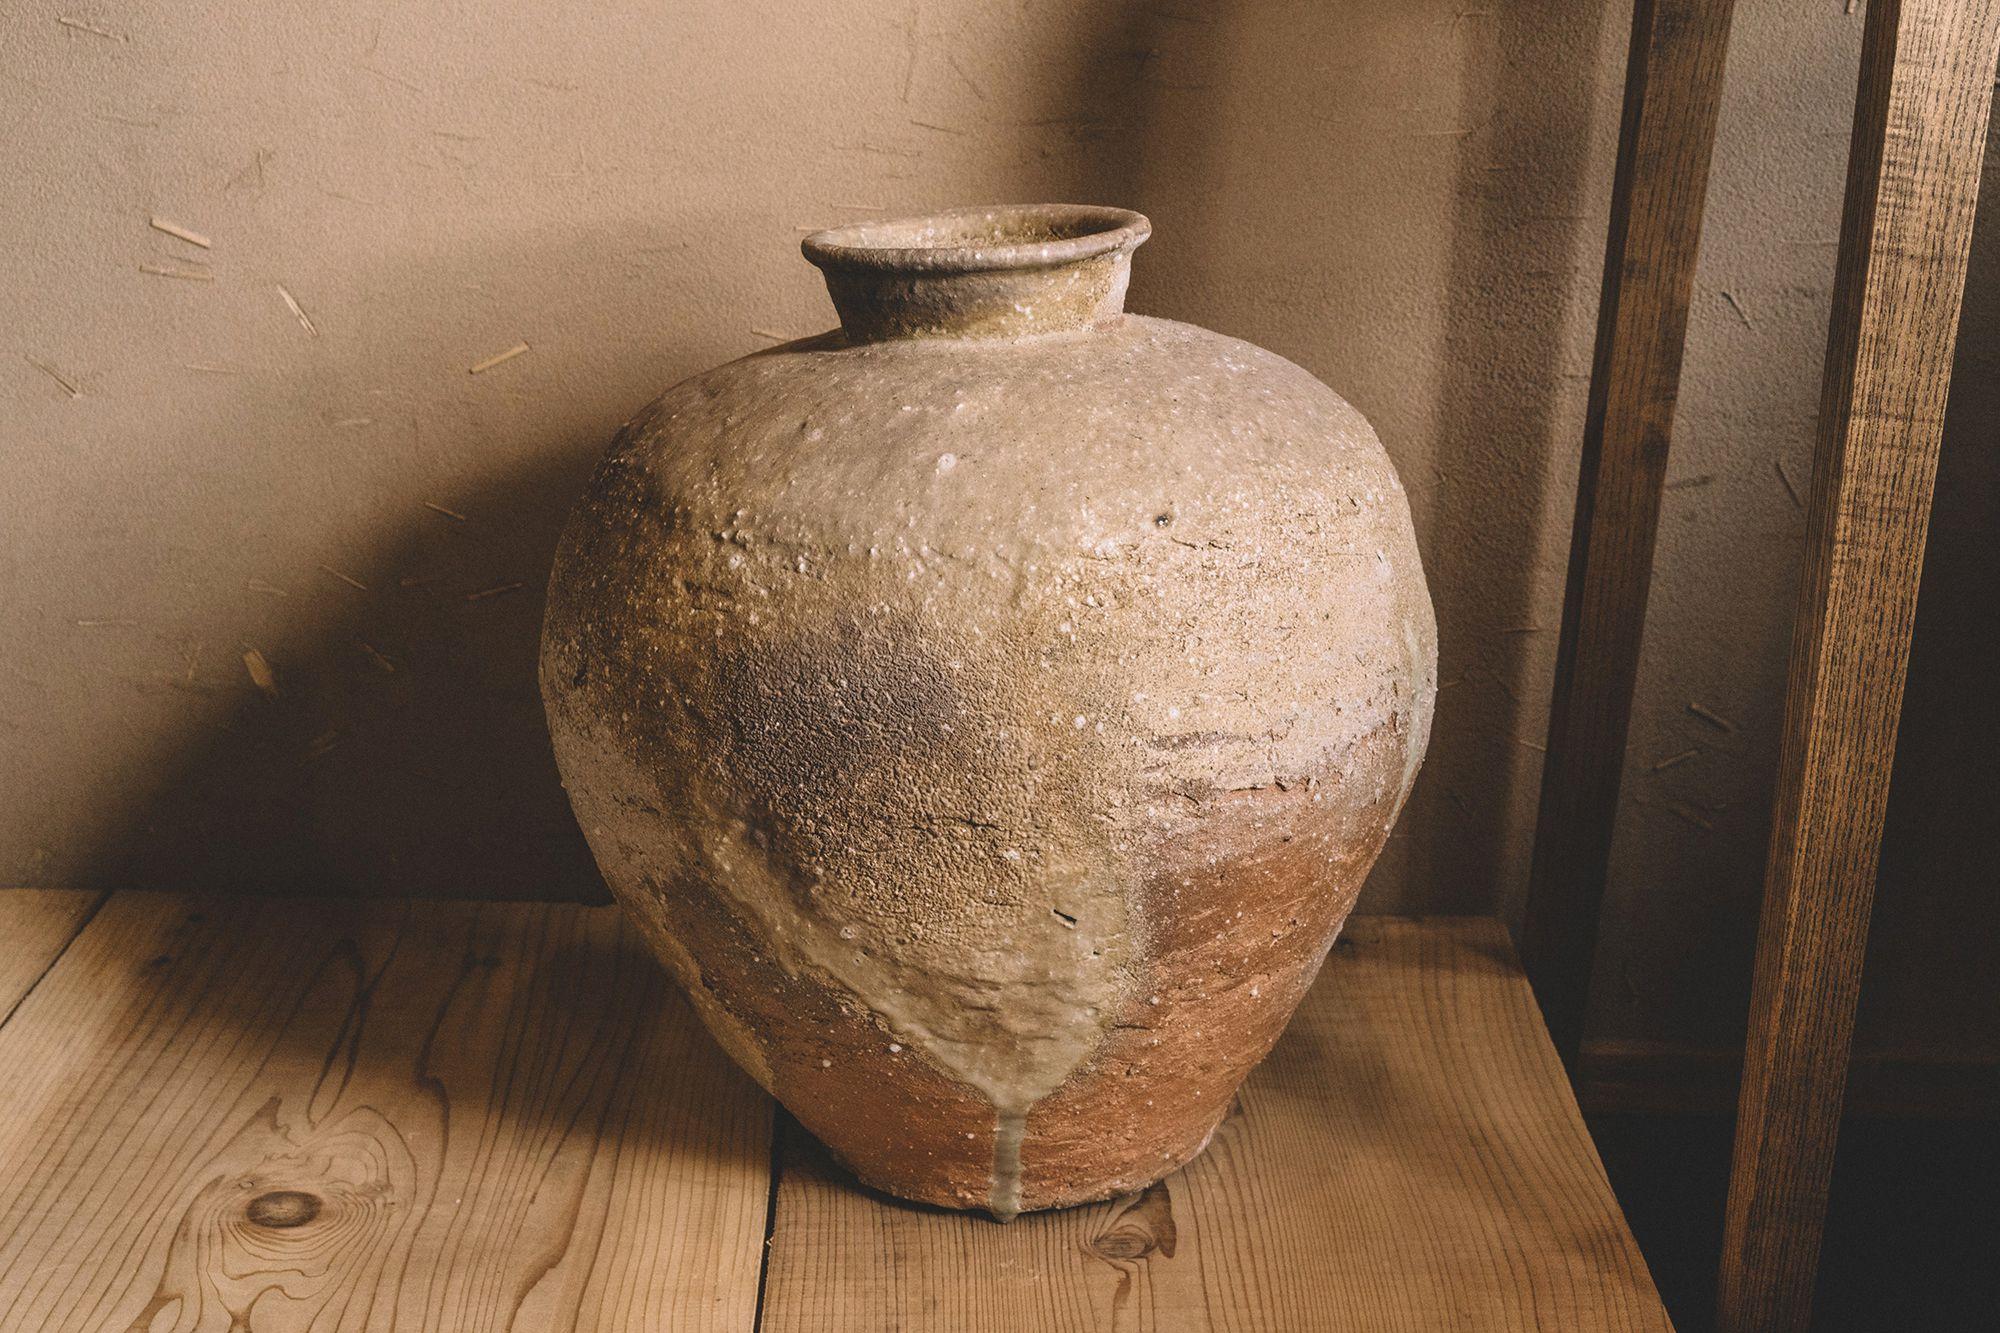 信楽 谷穹/信楽大壺 自身の製作において、中世の古信楽に表れる幽玄の美意識を体現させたいと考えている。